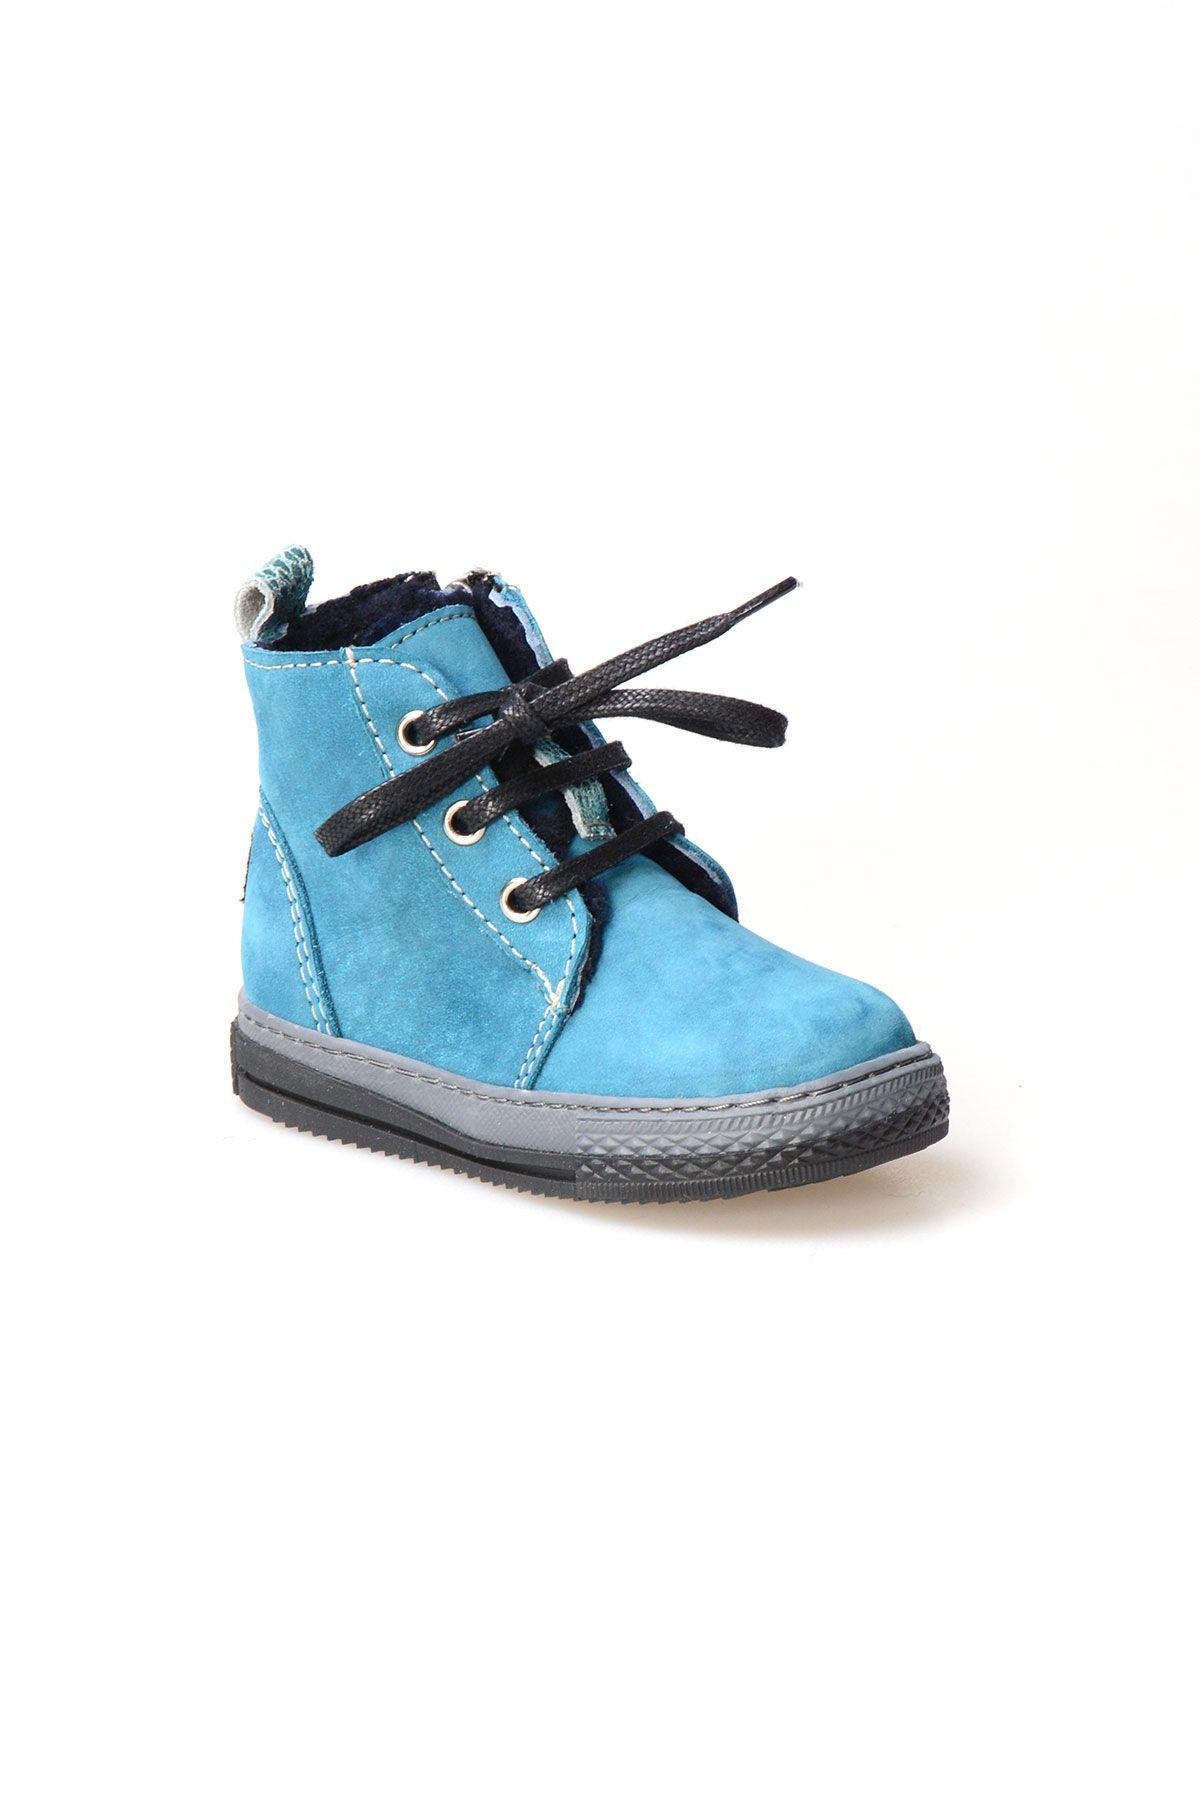 Pegia Hakiki Süet İçi Kürk Çocuk Bot 186001 Açık Mavi